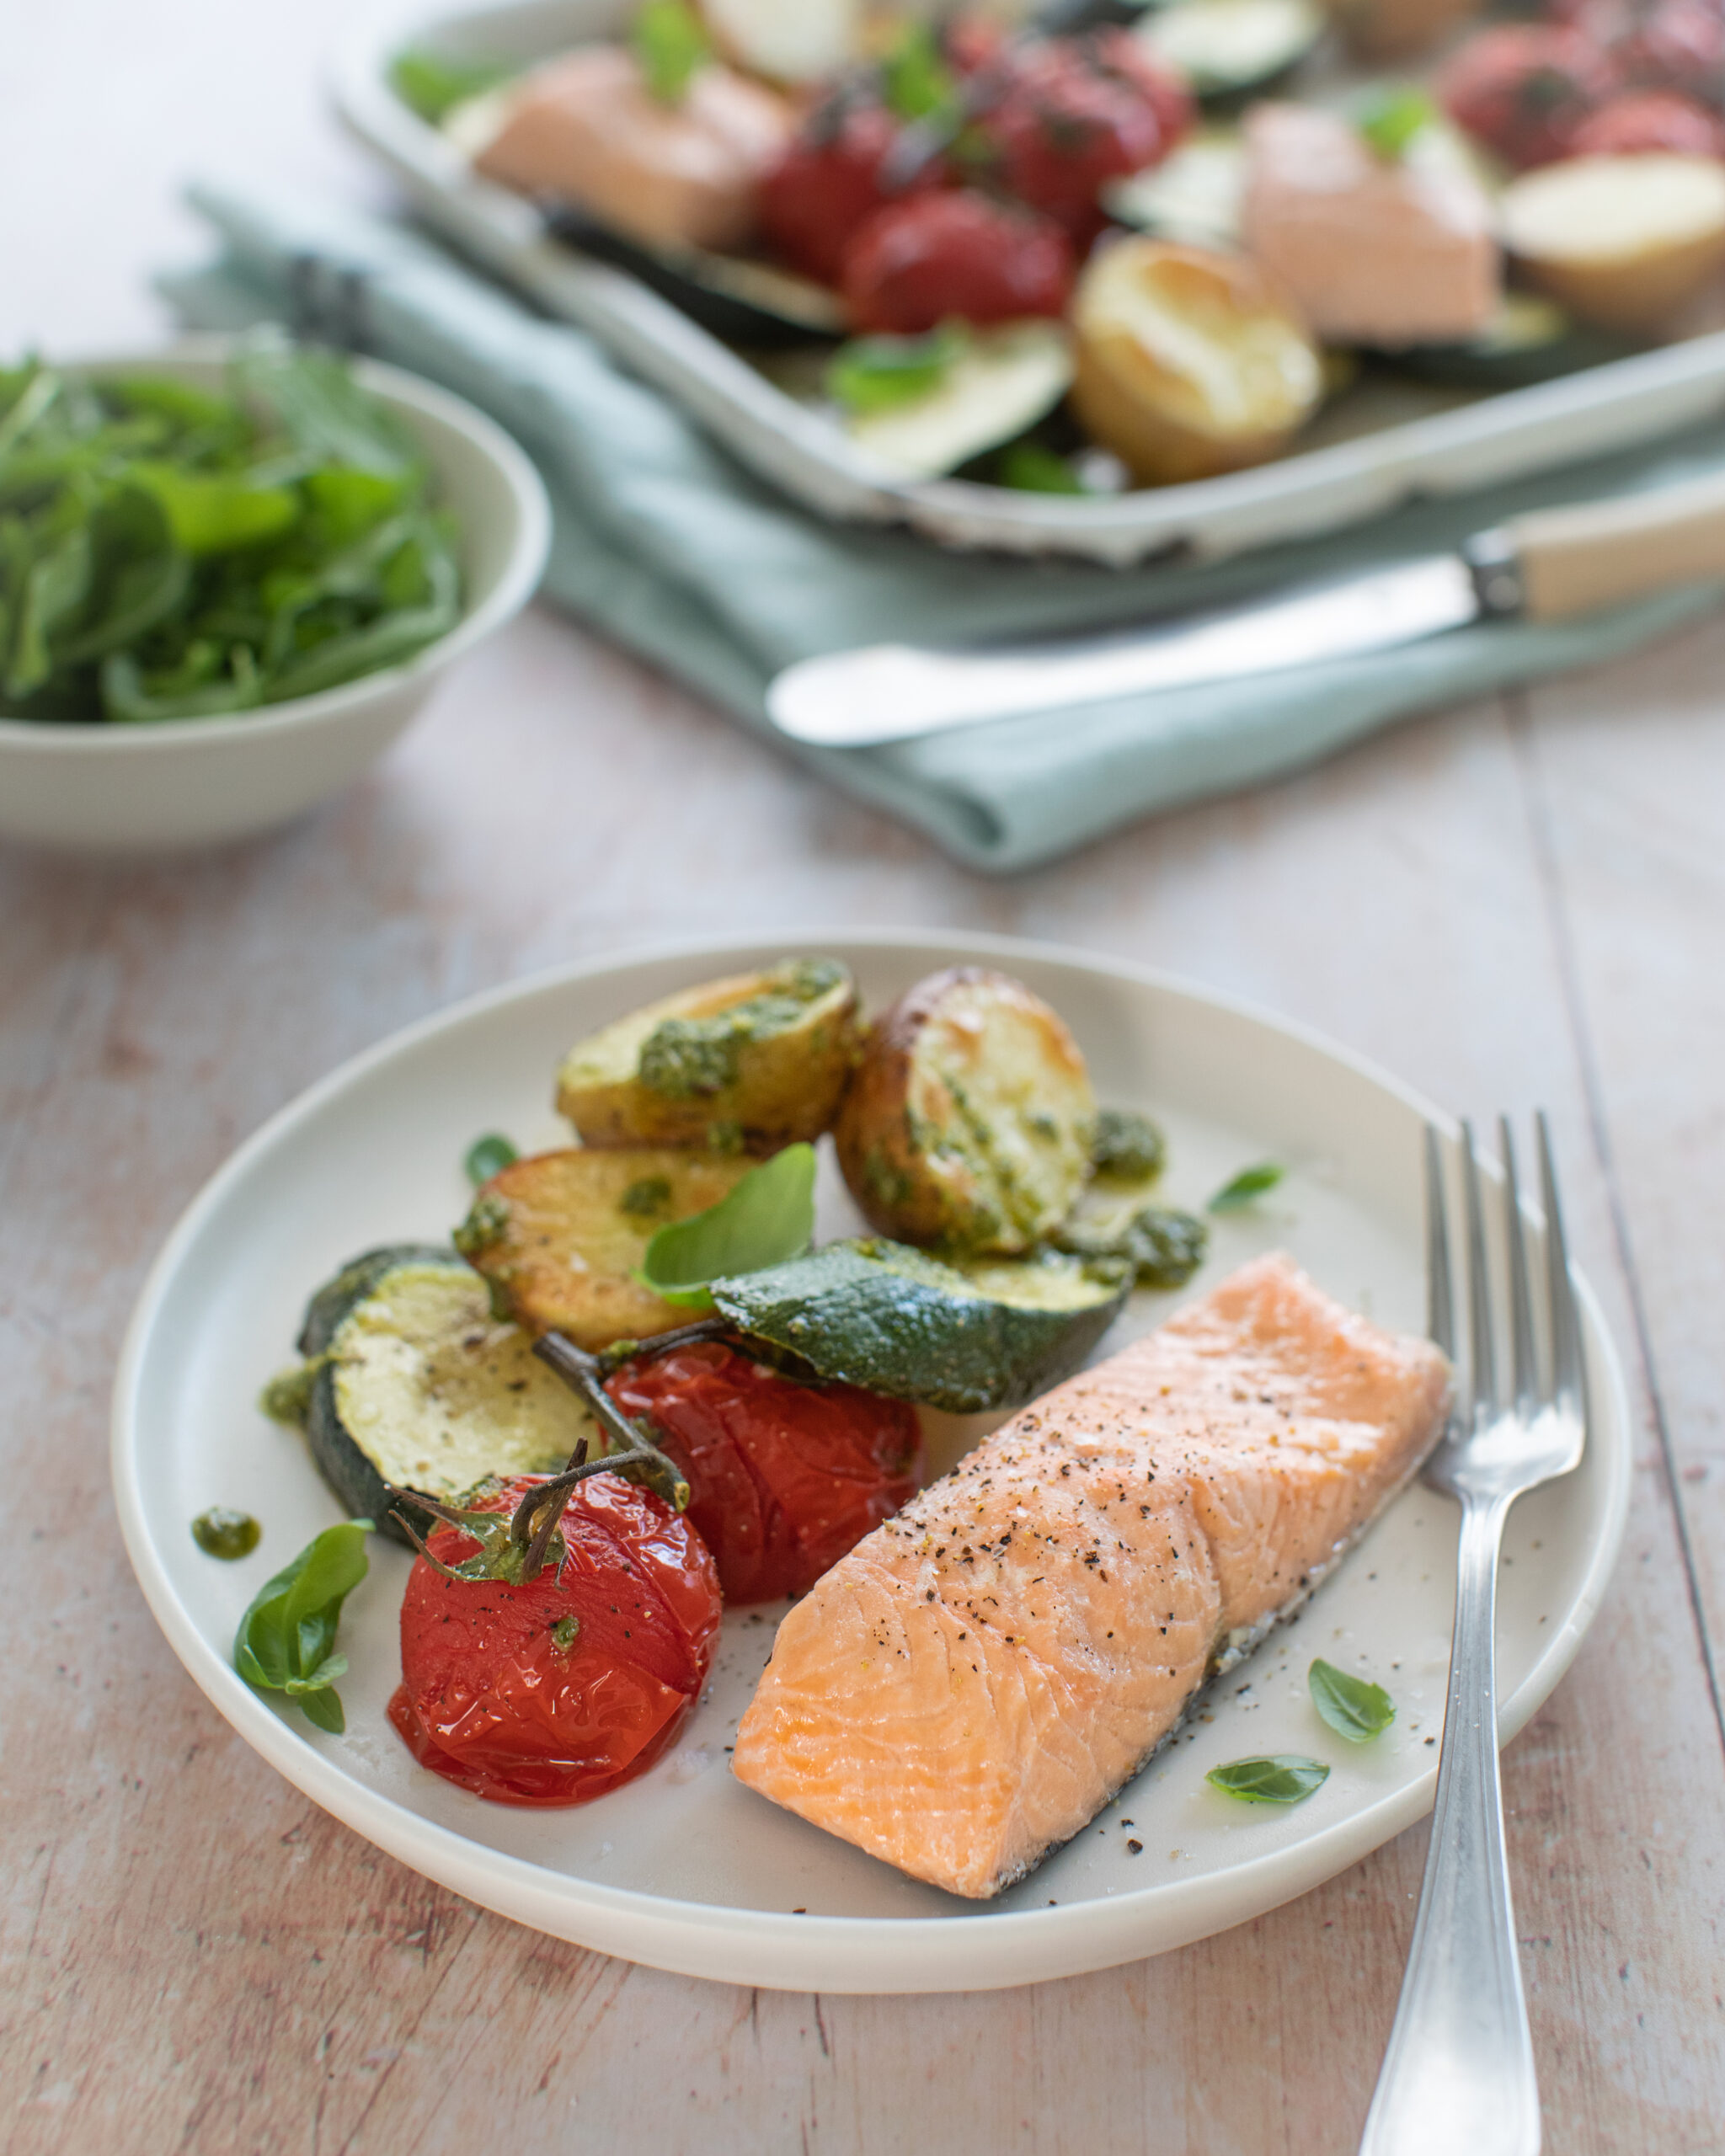 Atlantic Salmon & Vegetable Traybake with pesto